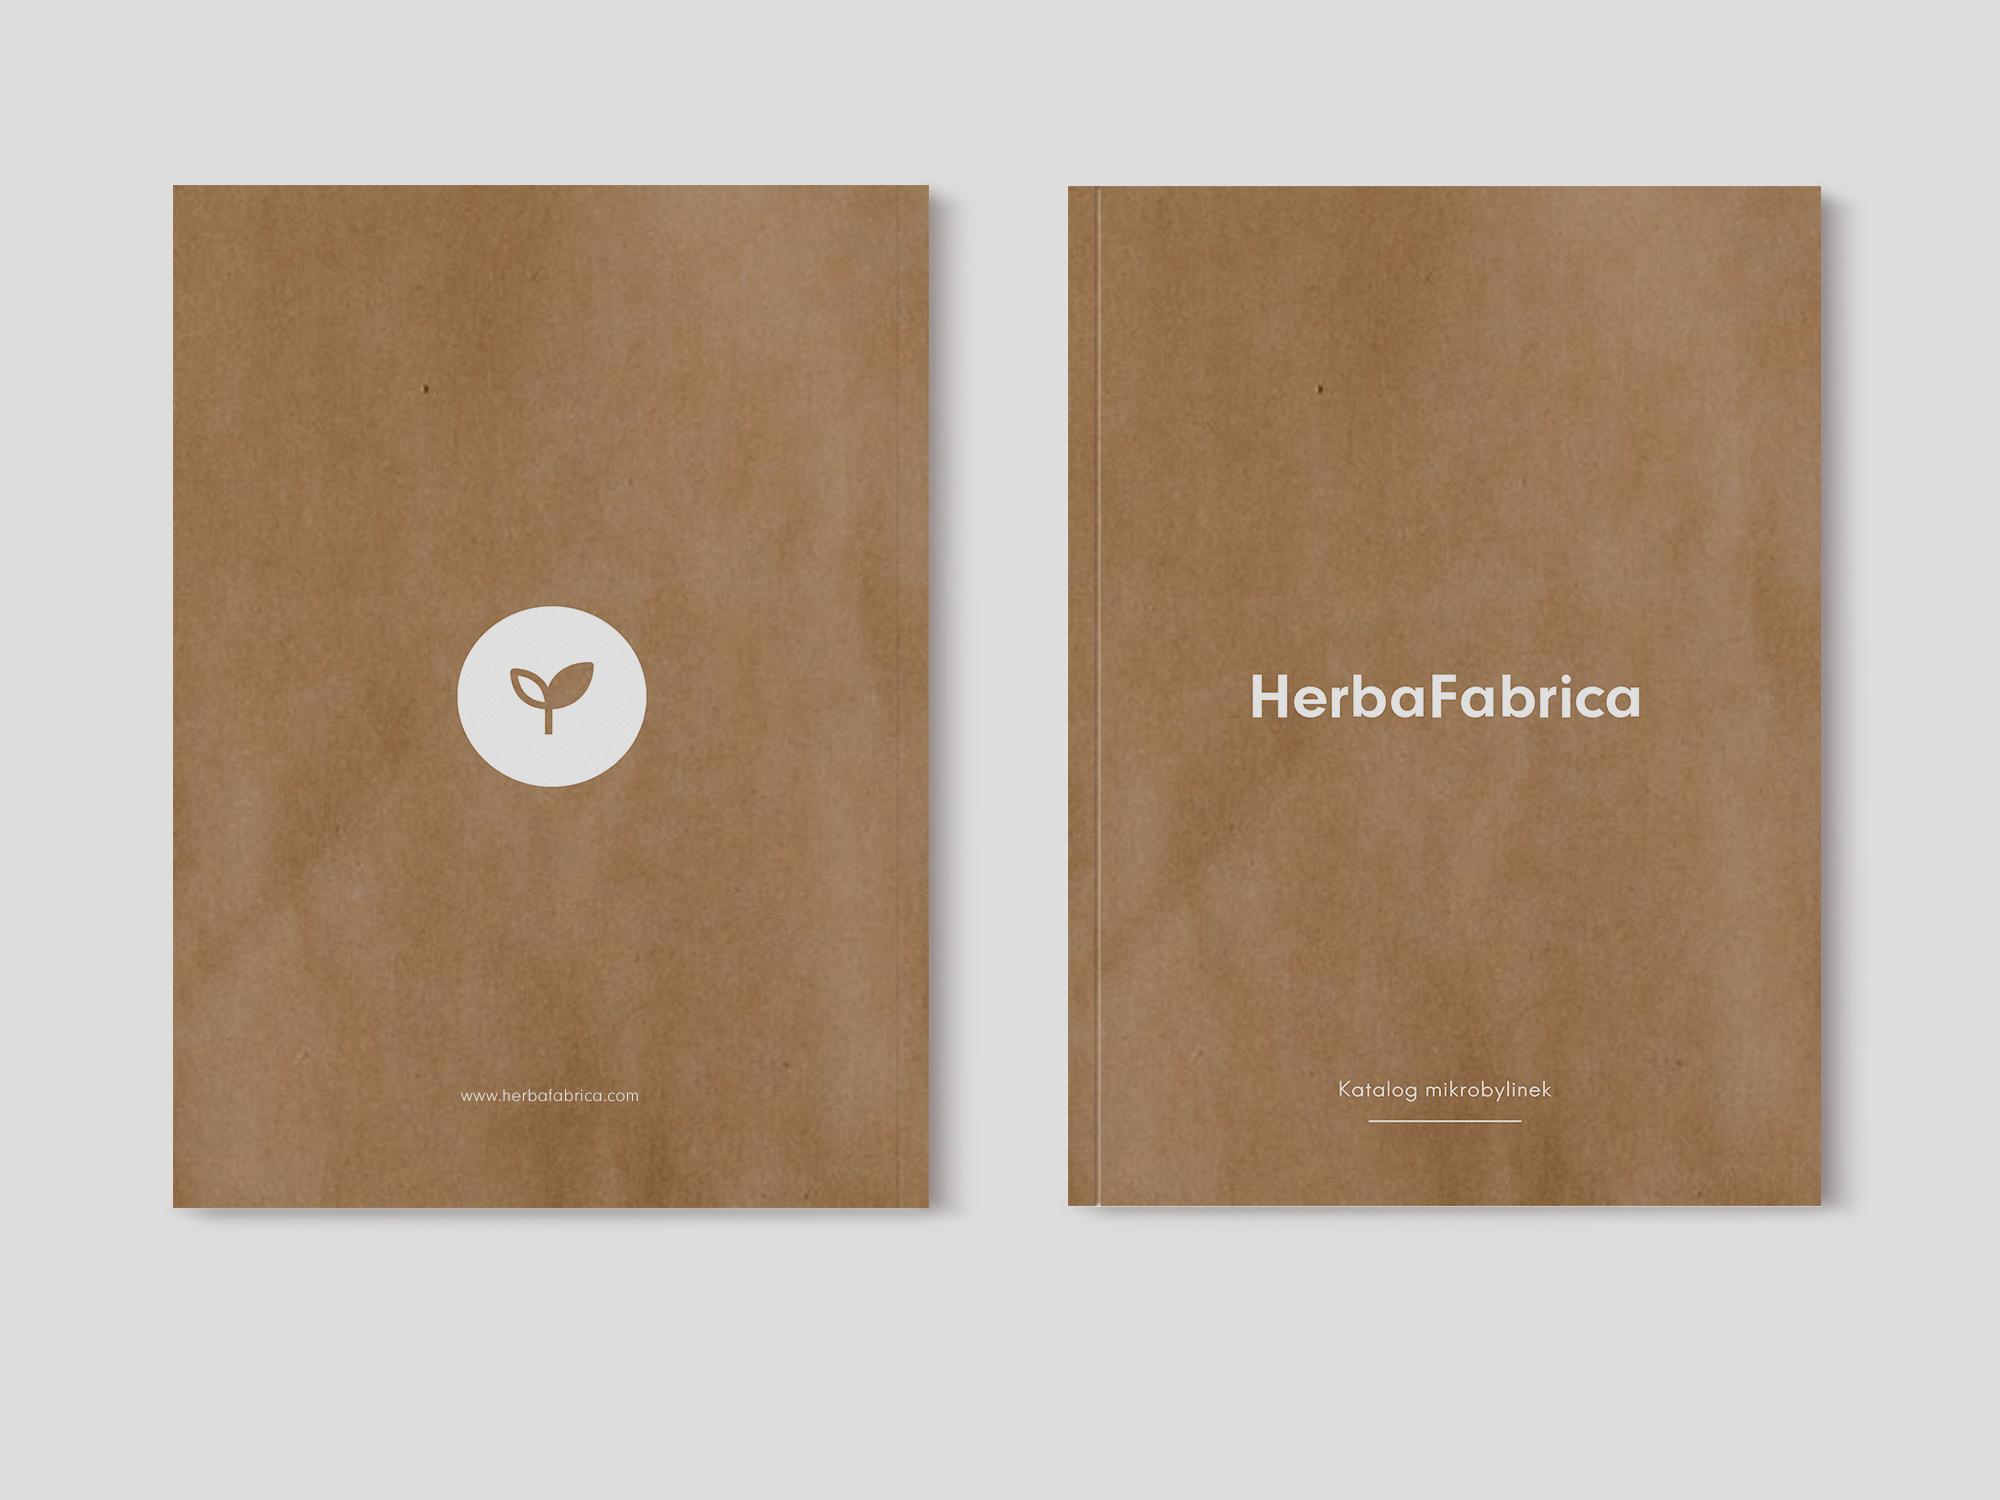 herbafabrica-mockup-predni-zadni-strana